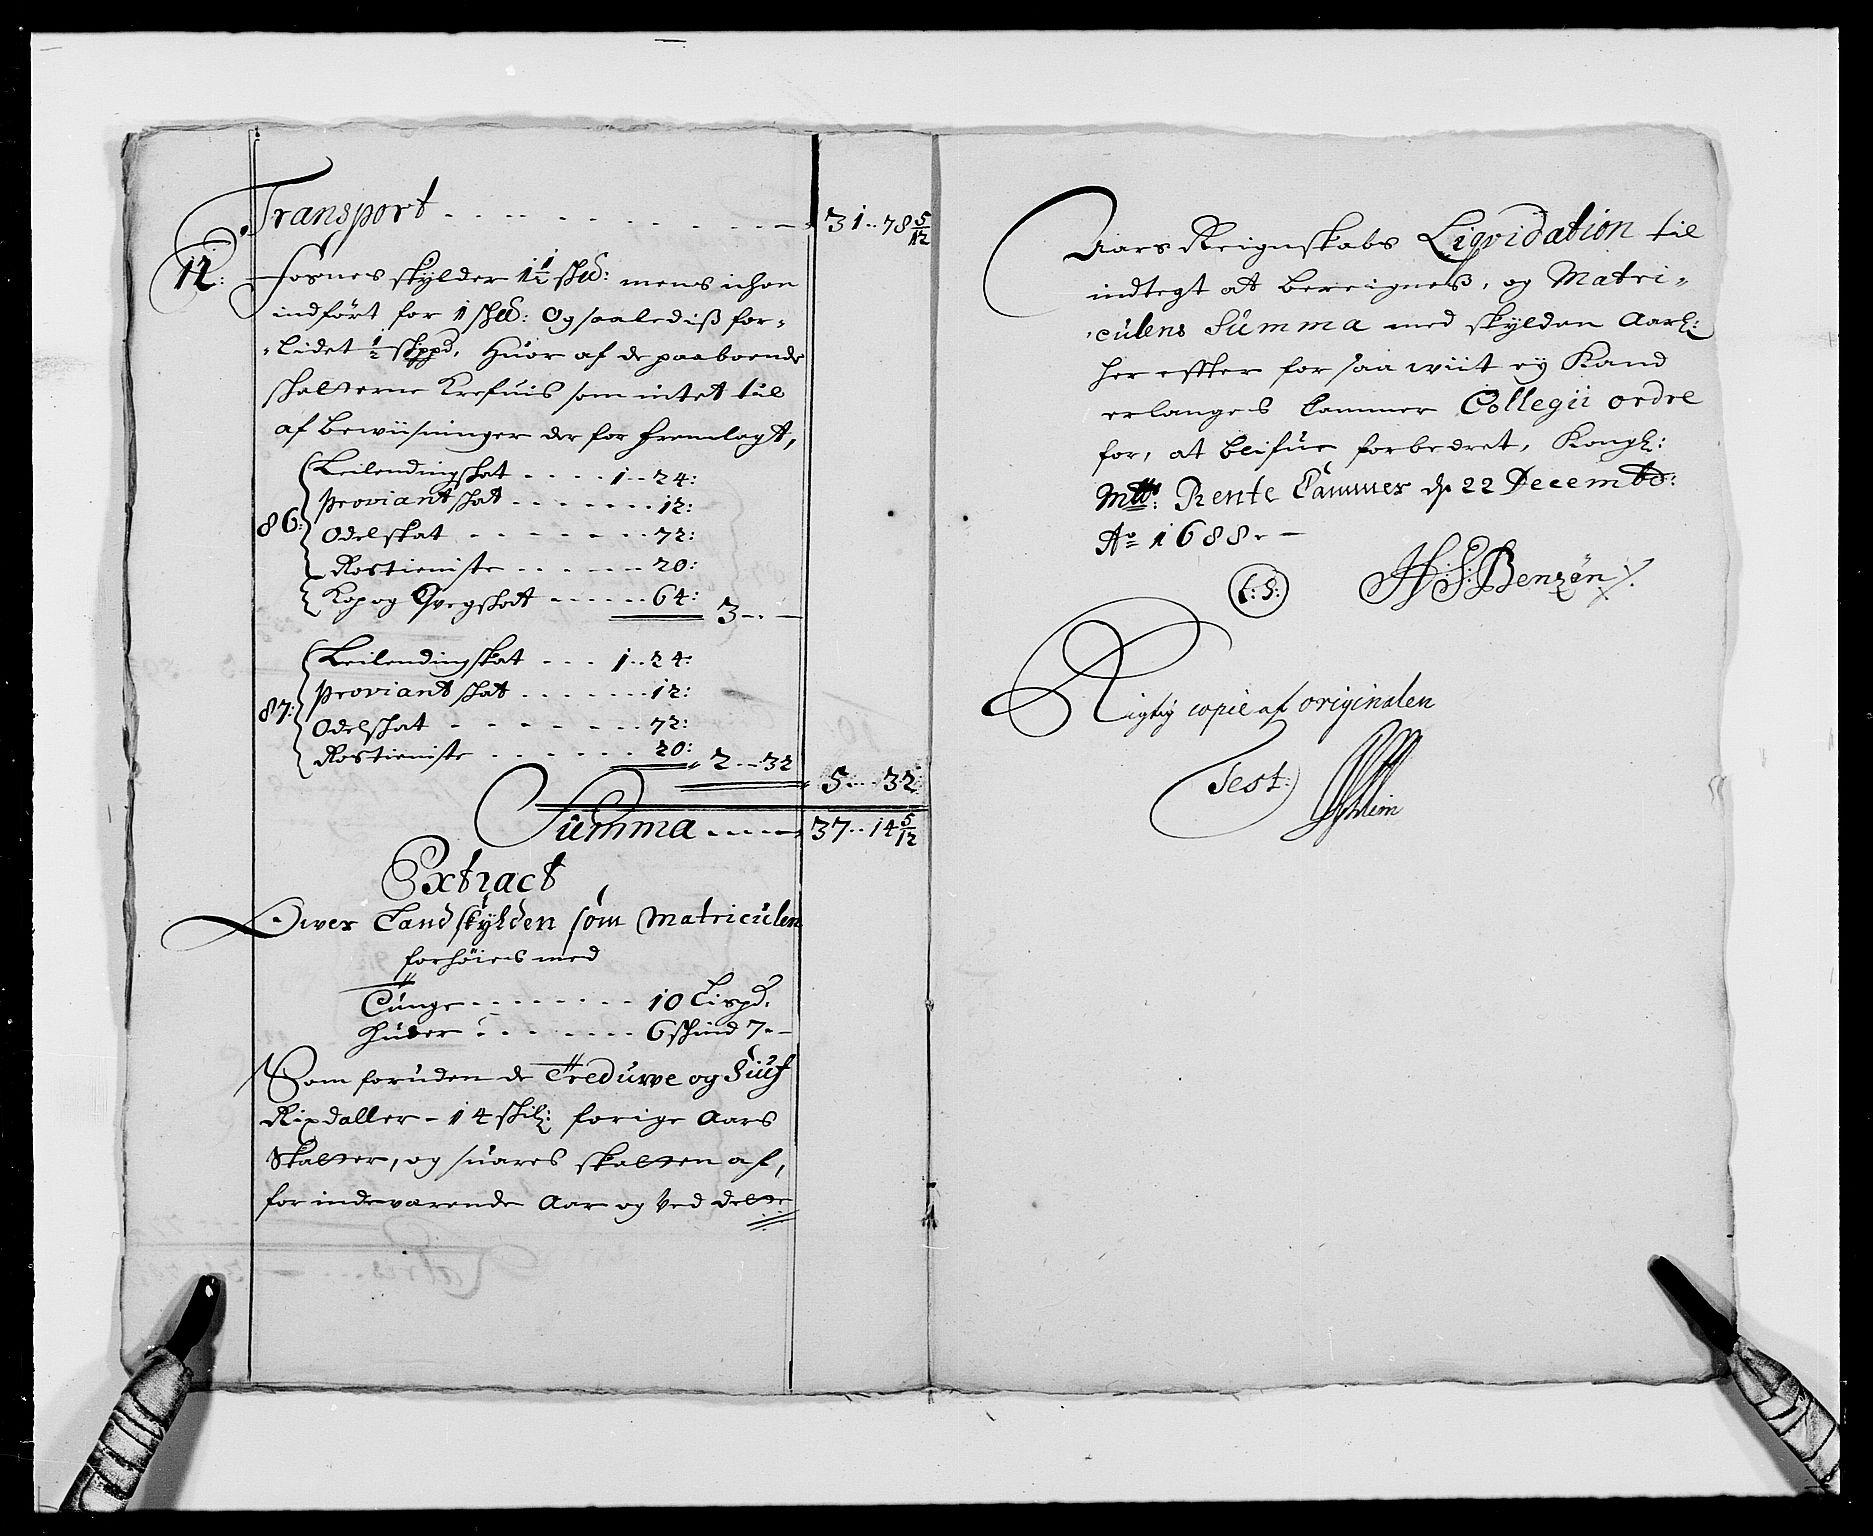 RA, Rentekammeret inntil 1814, Reviderte regnskaper, Fogderegnskap, R24/L1573: Fogderegnskap Numedal og Sandsvær, 1687-1691, s. 296